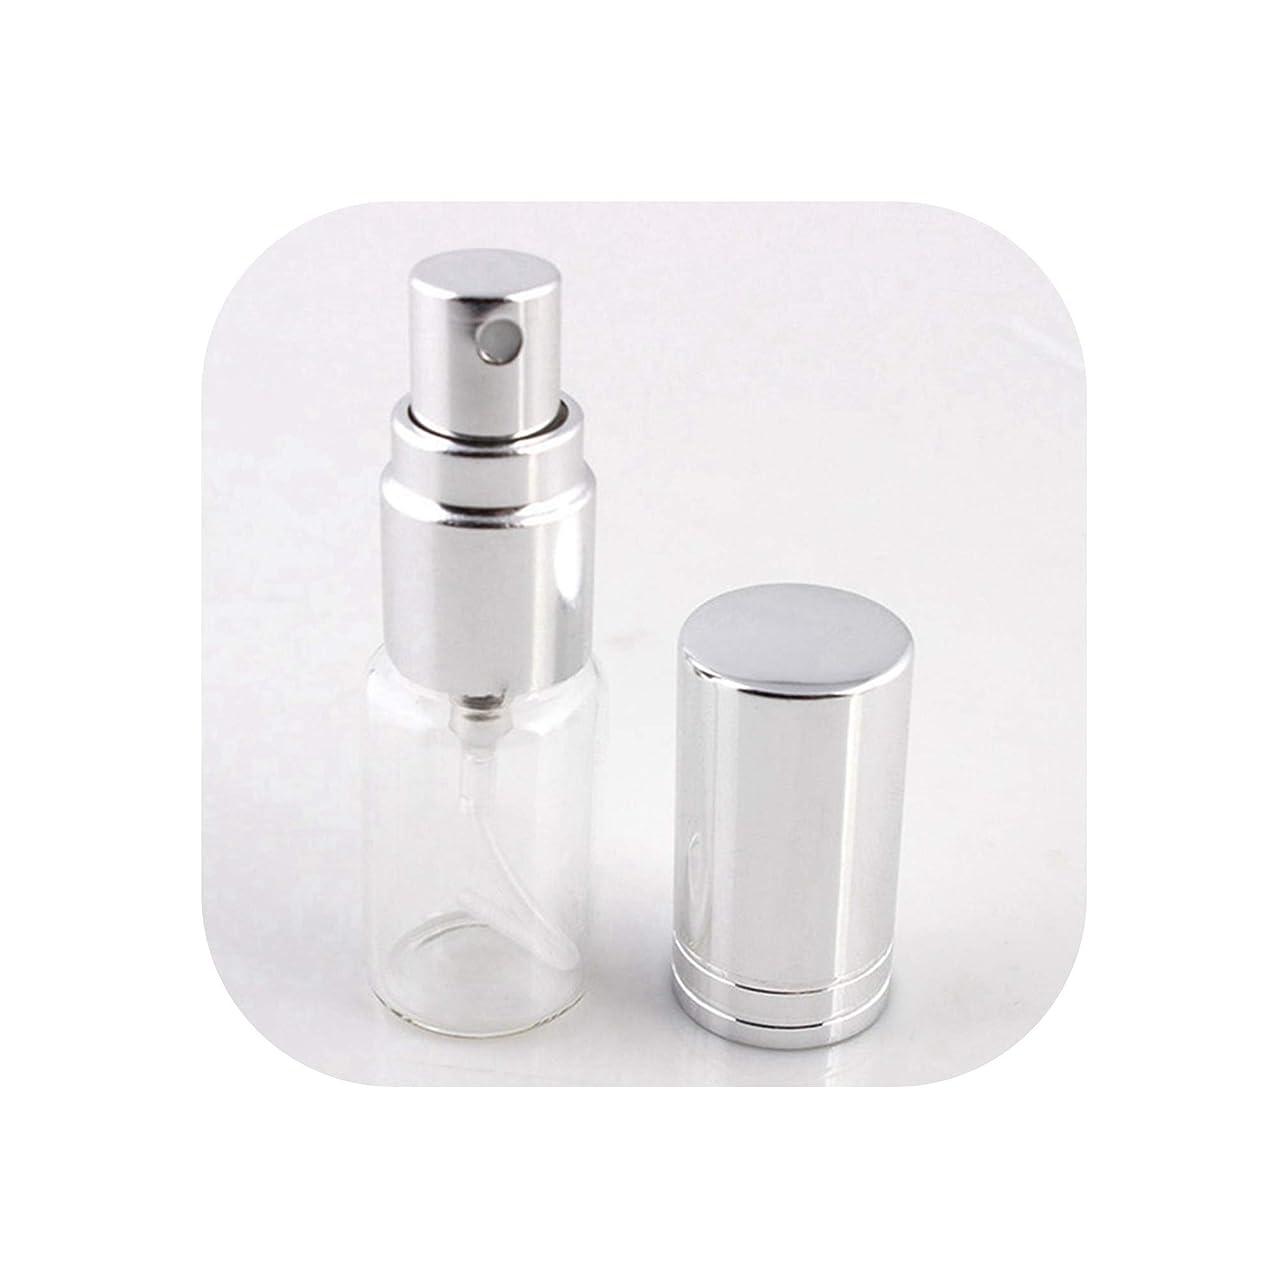 ゼロソブリケット混乱アトマイザーの1pcs 5ミリリットル/ 10MLポータブルカラフルなガラスの詰め替え香水瓶は、SV1-S、旅行のための化粧品容器で噴霧器を空にする